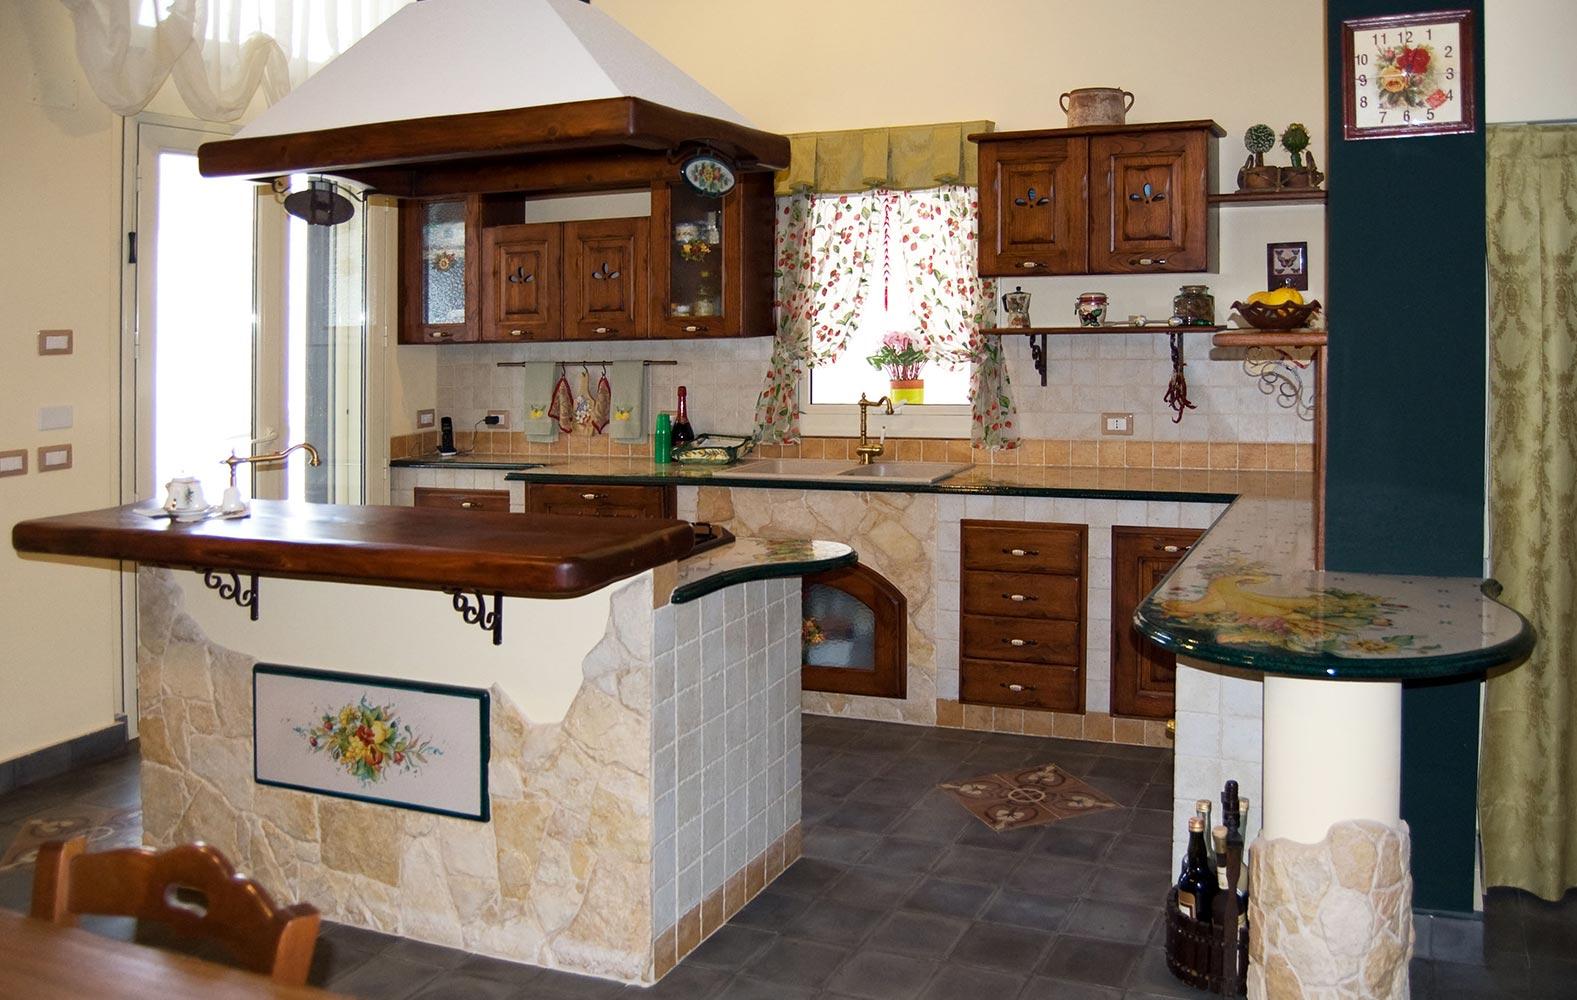 Cucine Moderne Lombardia.Cucine In Finta Muratura Smontabile Modello Lombardia